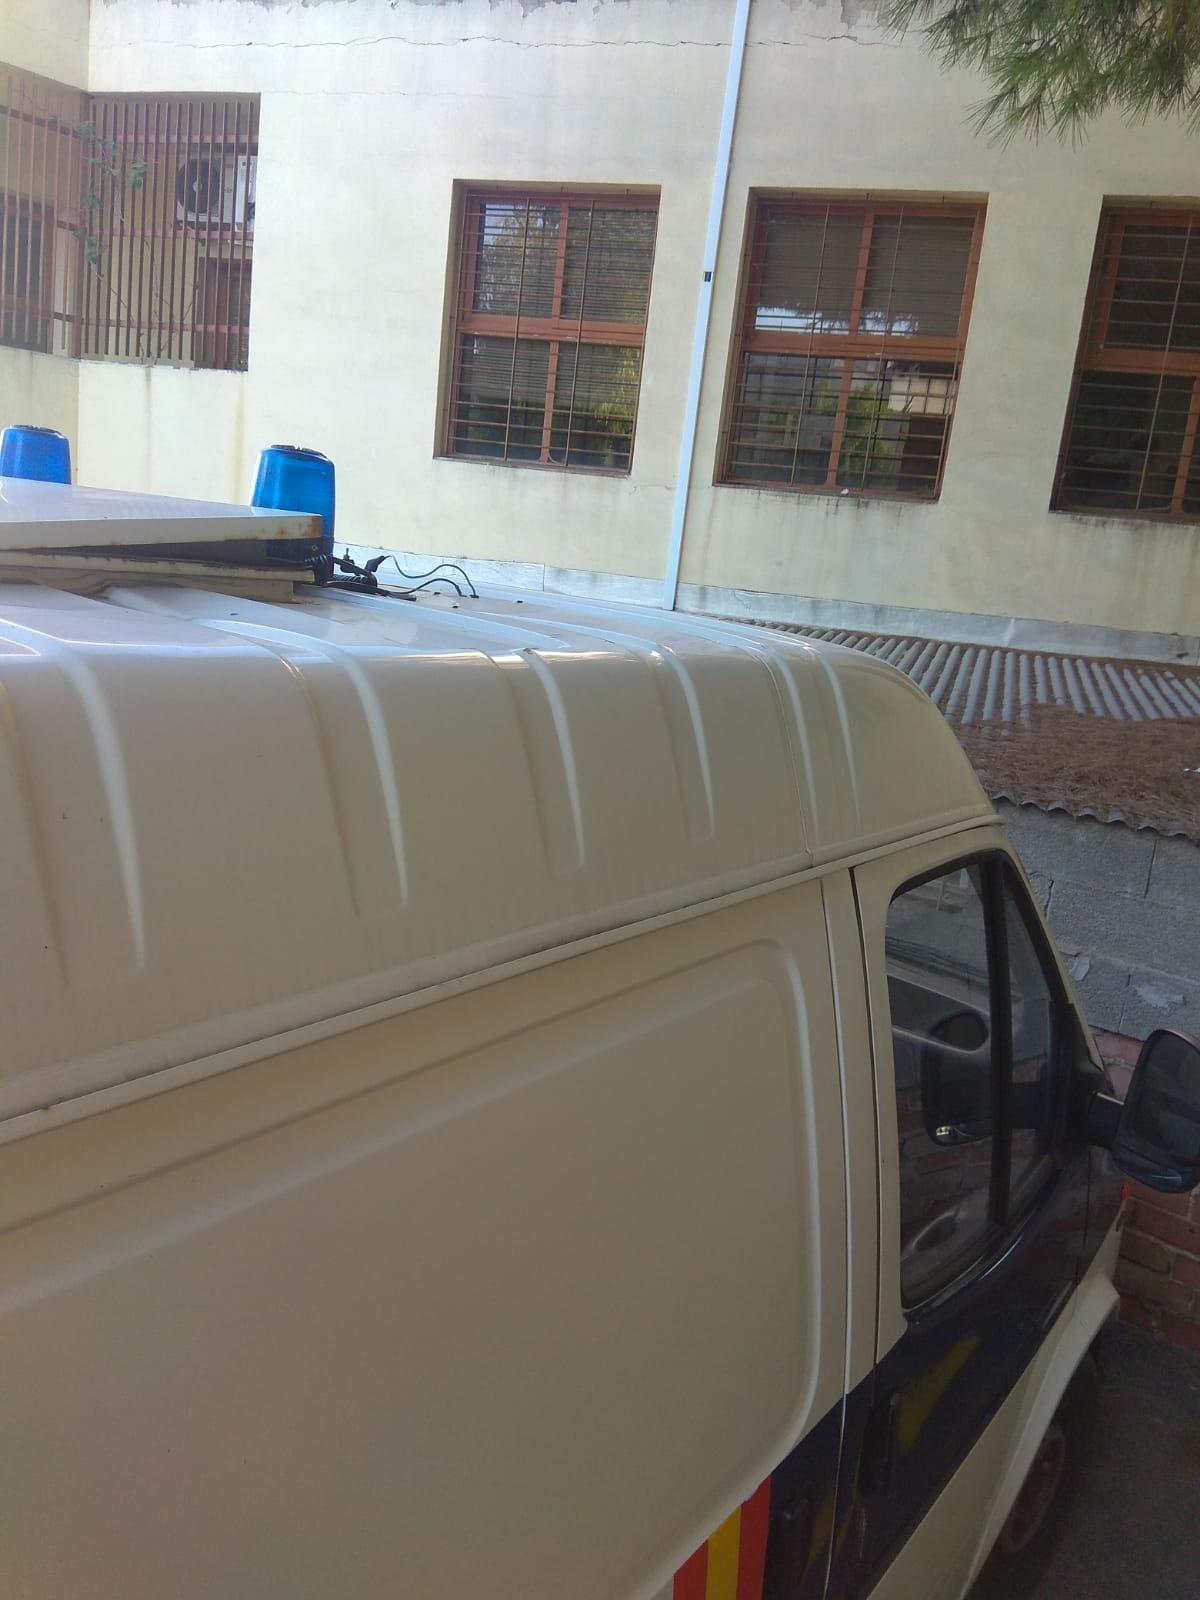 Imagen en la que se aprecia la precaria conexión de los cables y la trampilla del techo por la que entra agua en el furgón de la Policía Nacional.